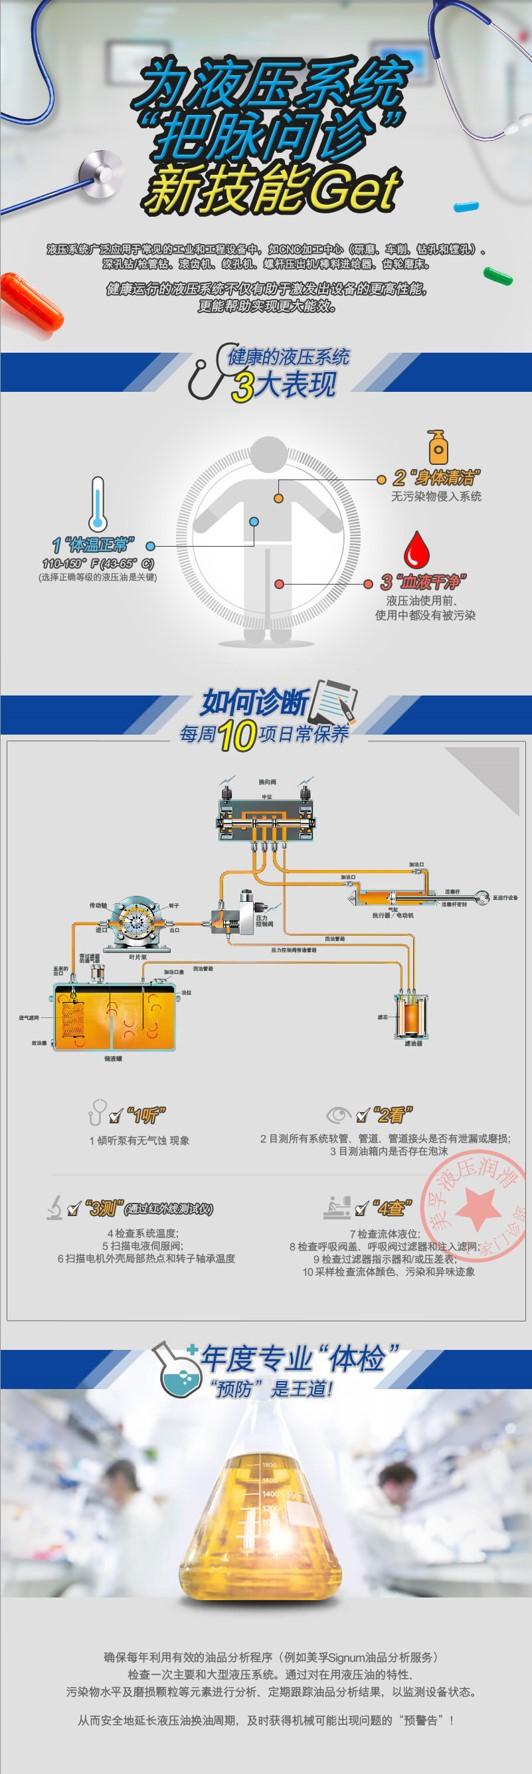 Hydraulic system new skill